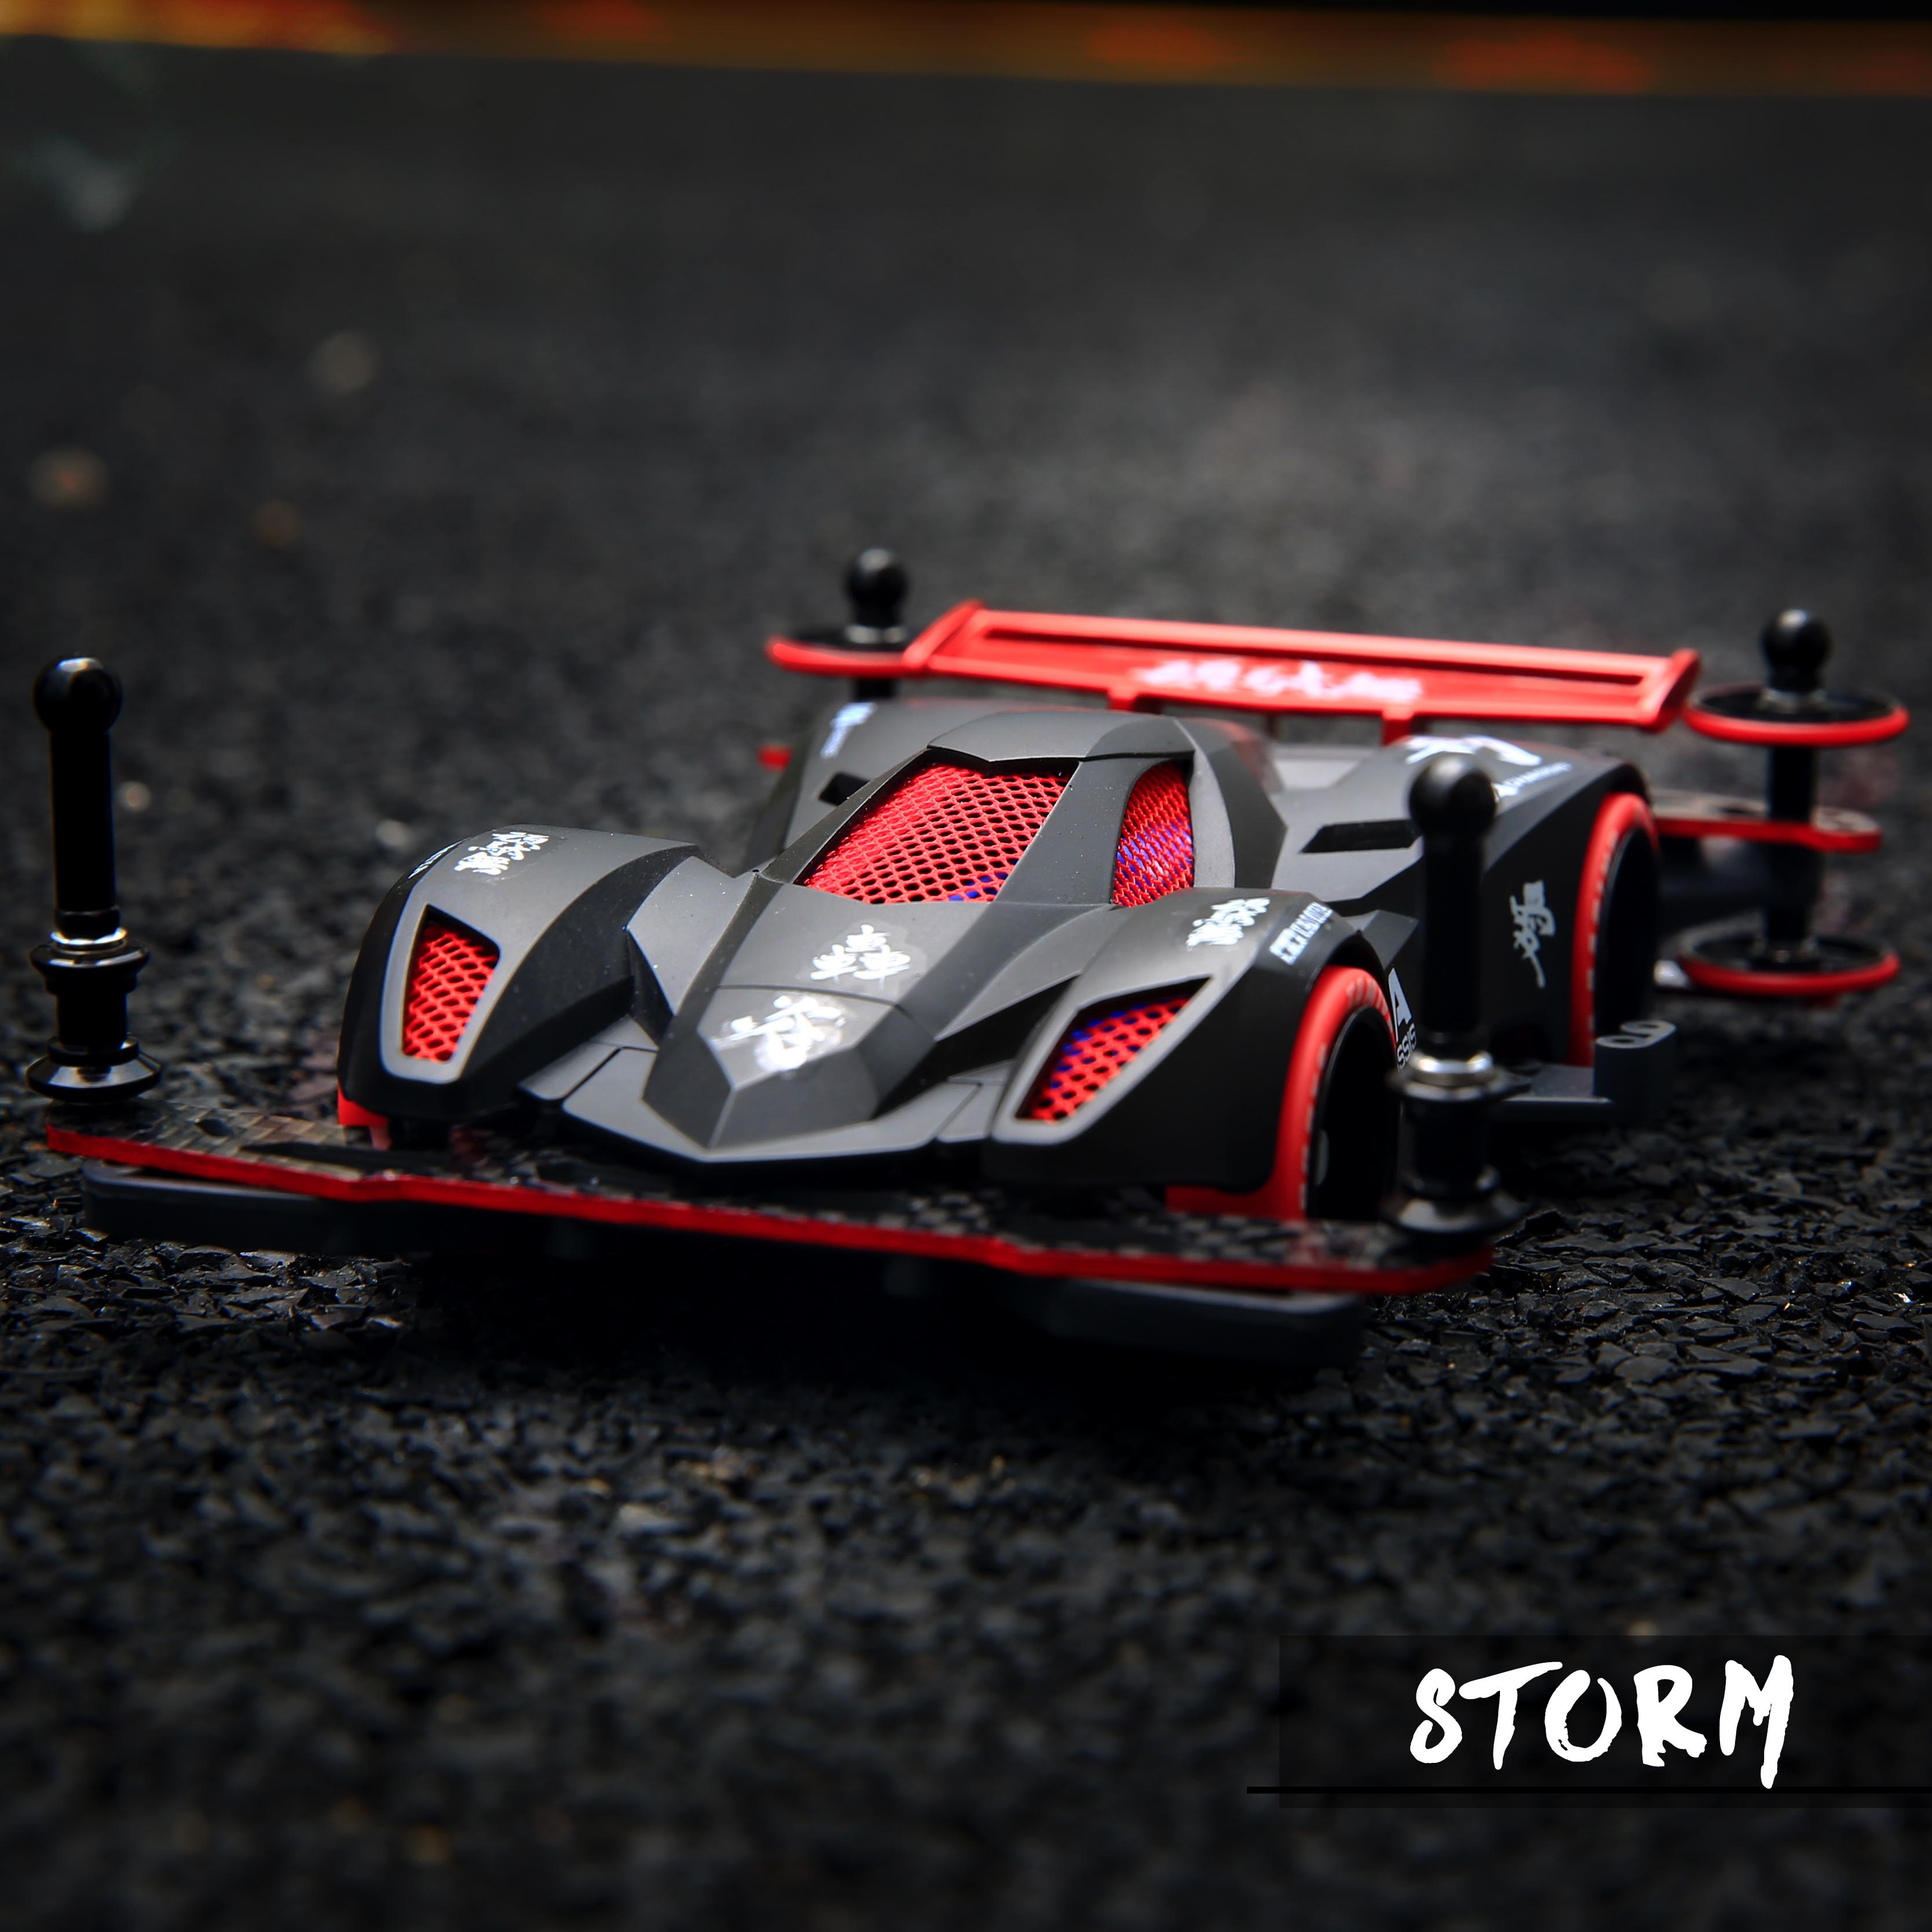 四驱车 田宫正品 进阶级 赛车 玩具 全套拼装配件 代号:风暴 礼物